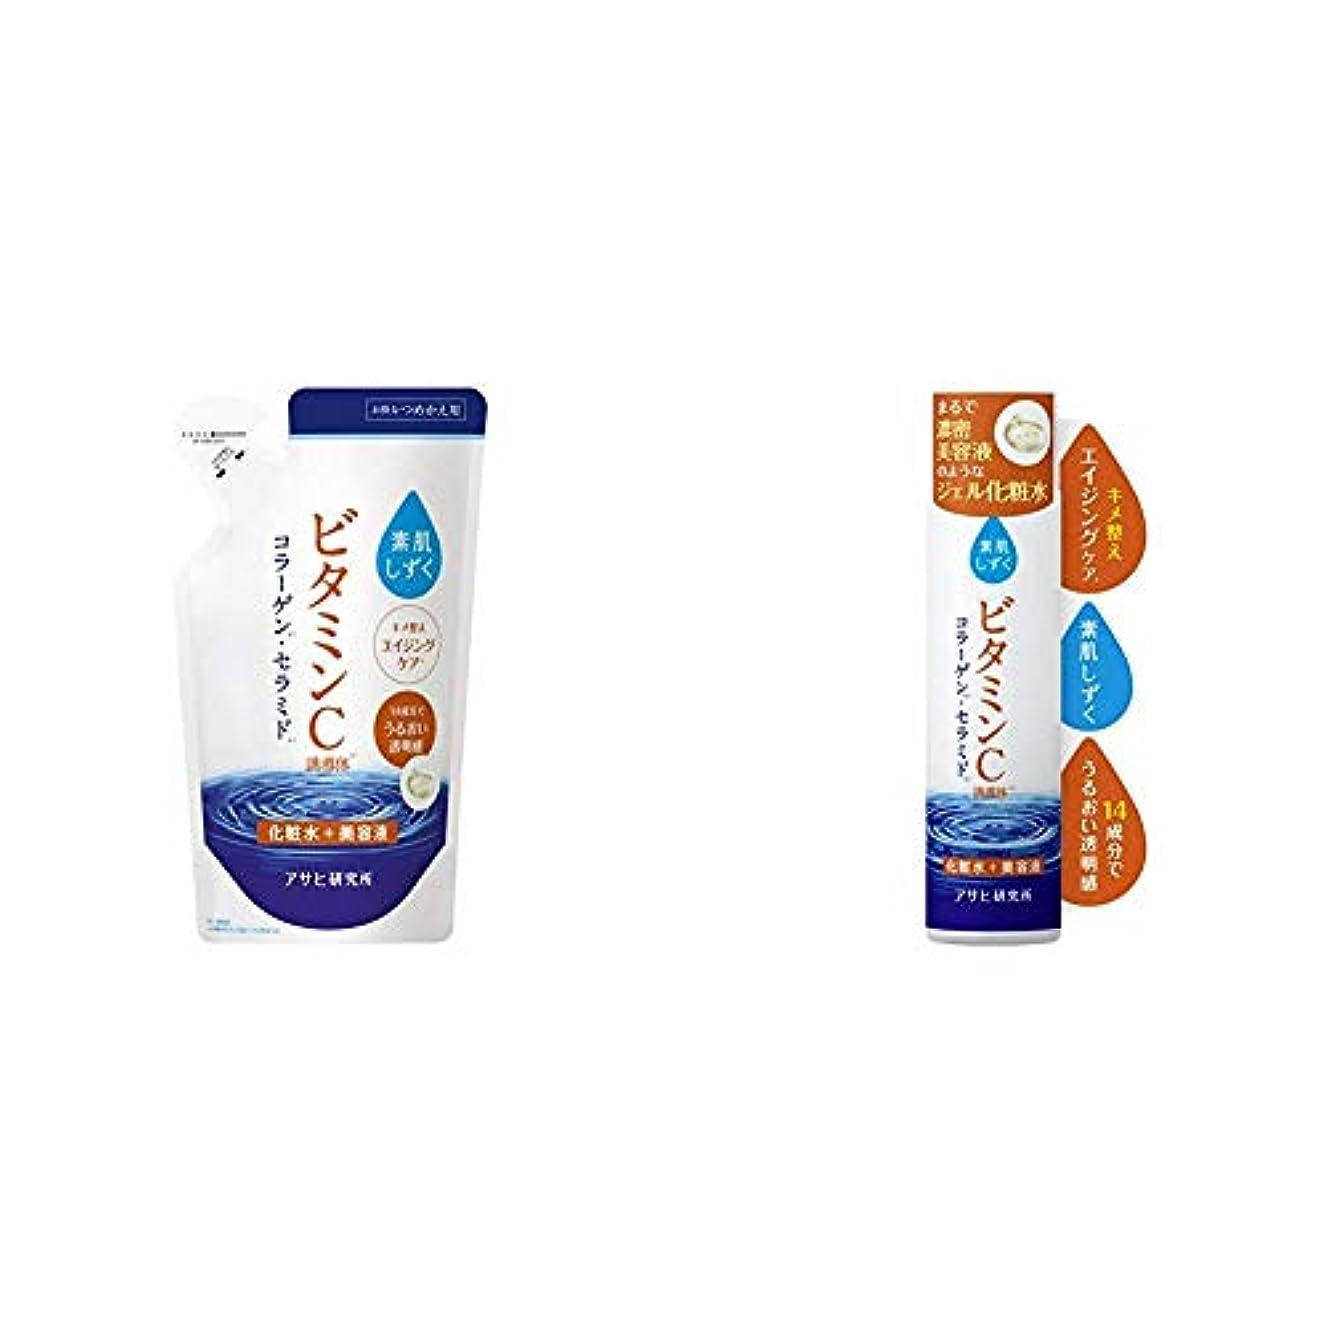 出発する摩擦衝撃素肌しずく ビタミンC化粧水(詰替) 180ml & ビタミンC化粧水(本体) 200ml